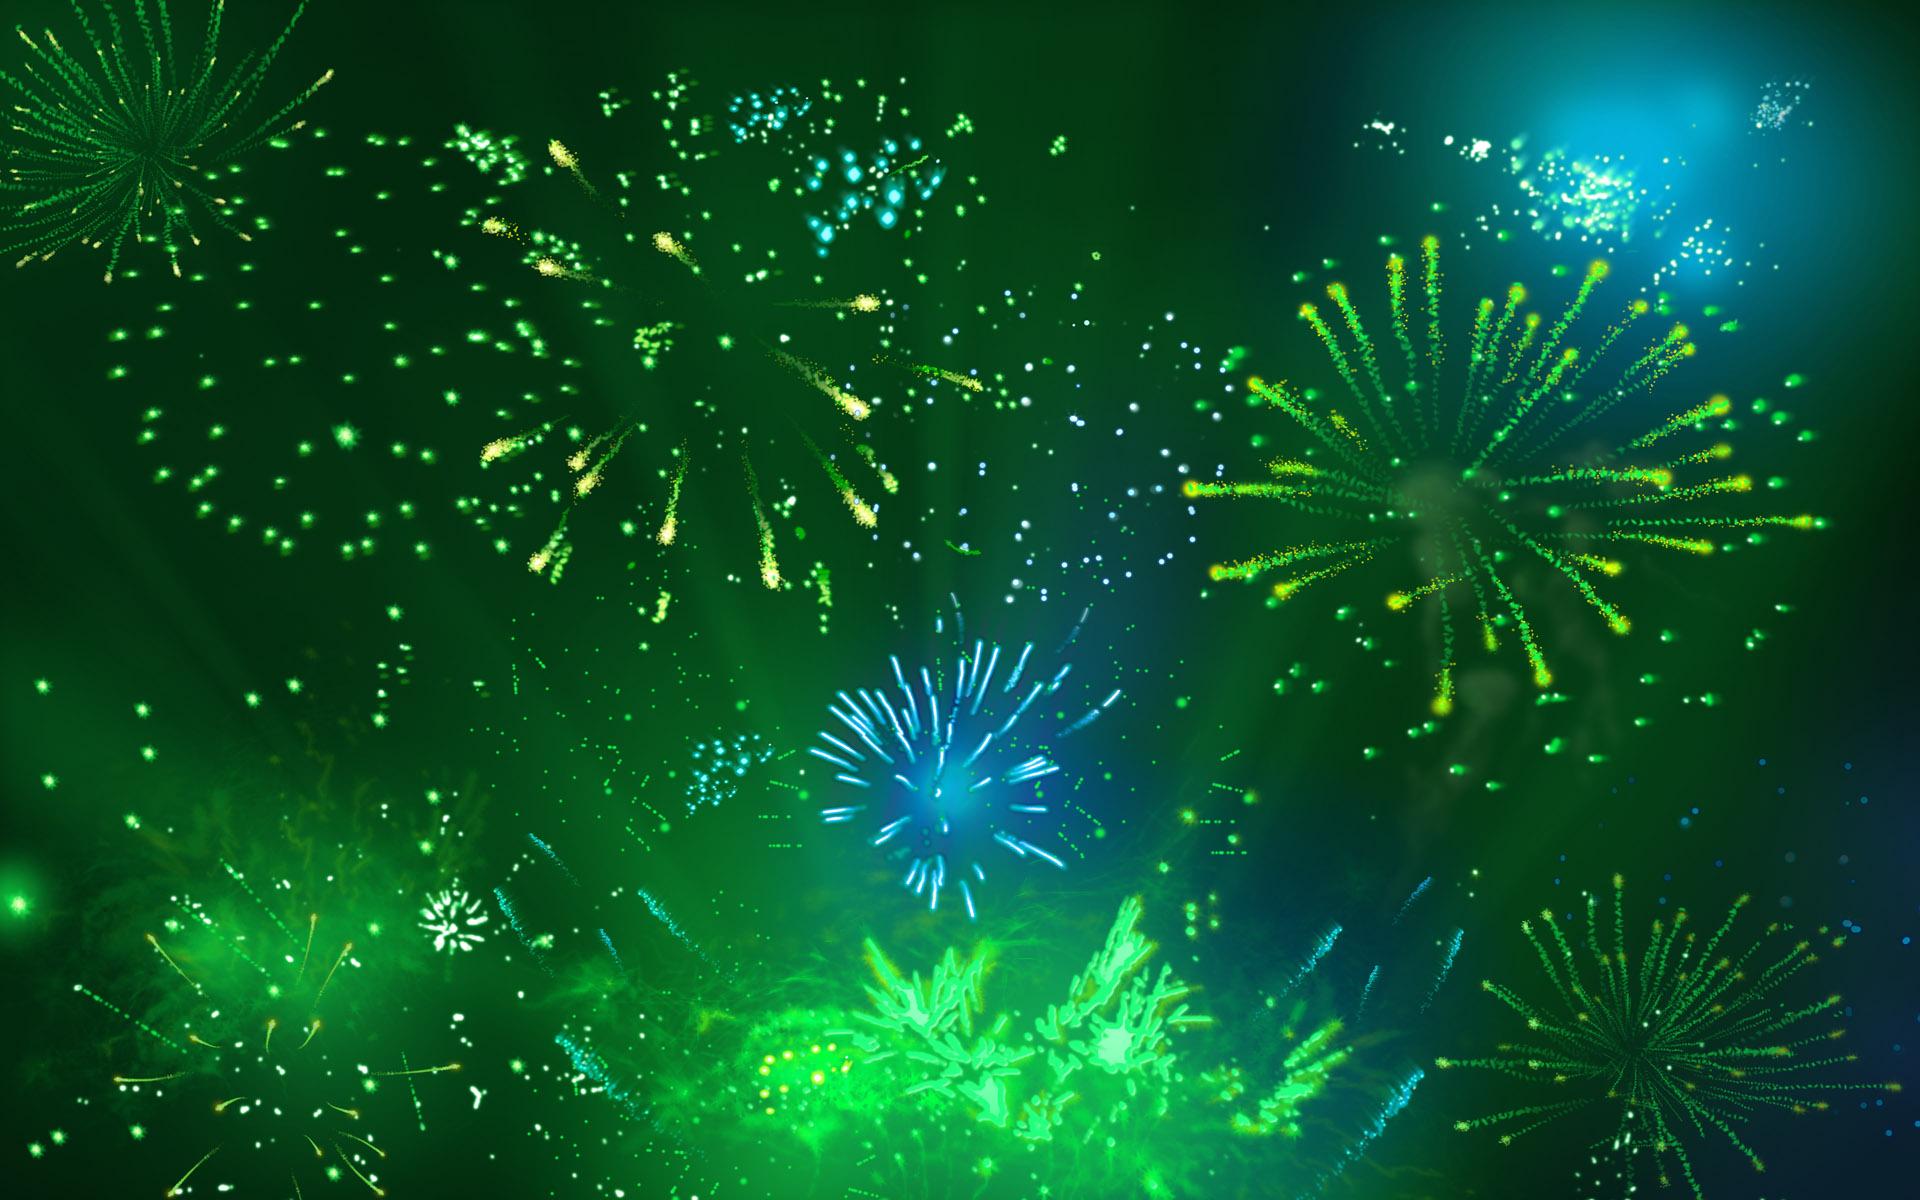 Hình nền xanh lá cho power point pháo hoa